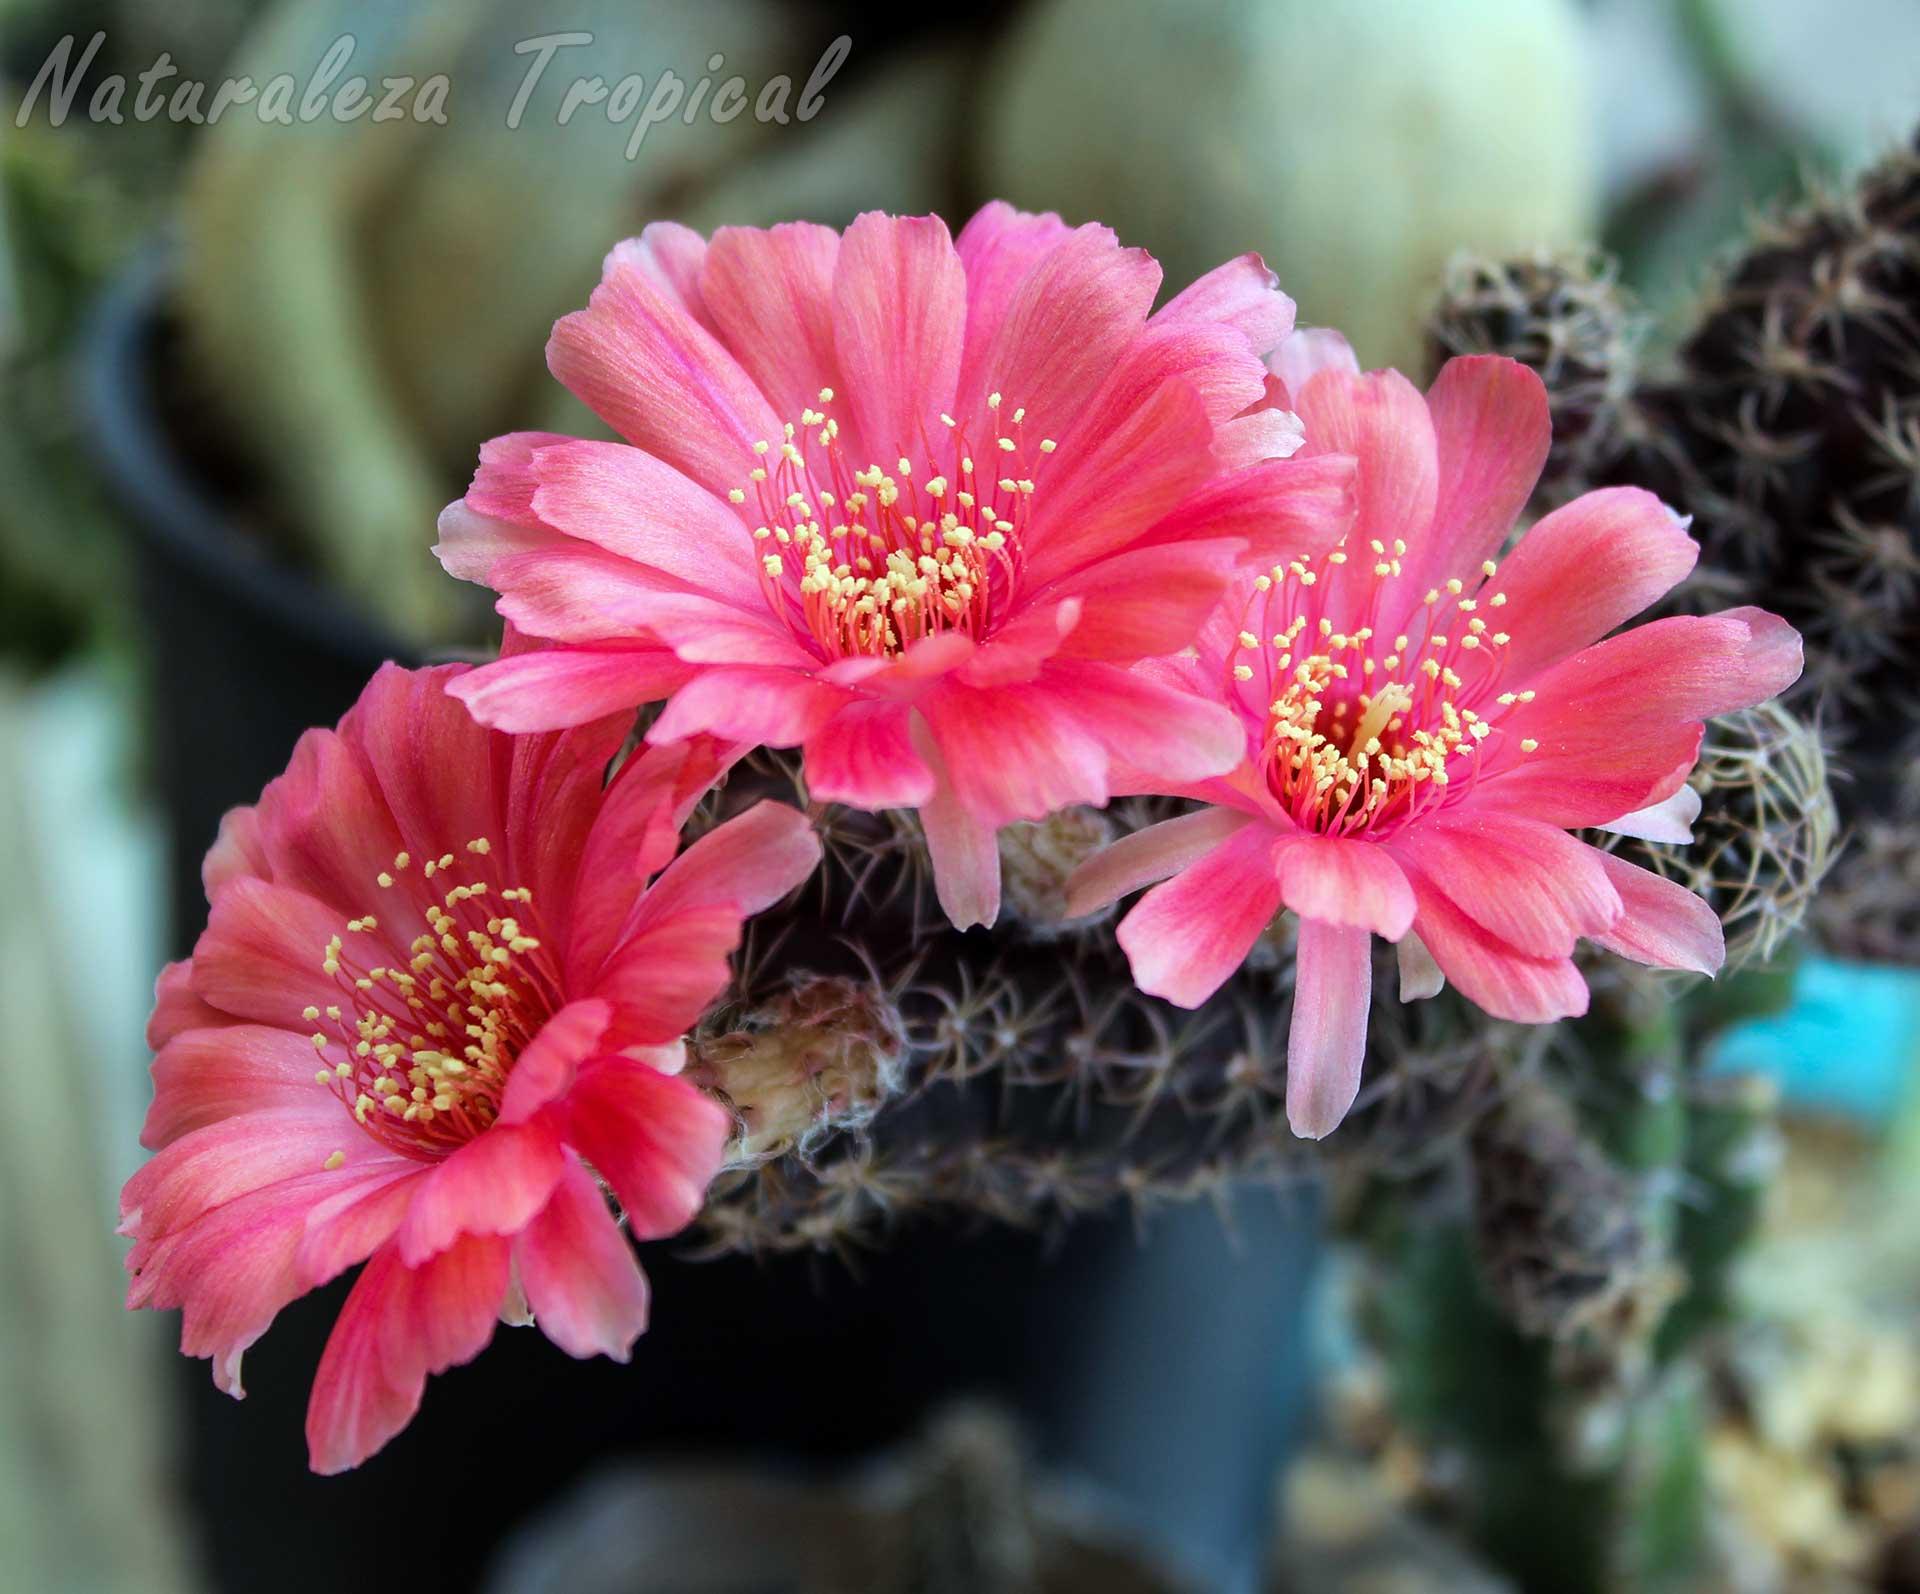 Floración del cactus híbrido del género Echinopsis